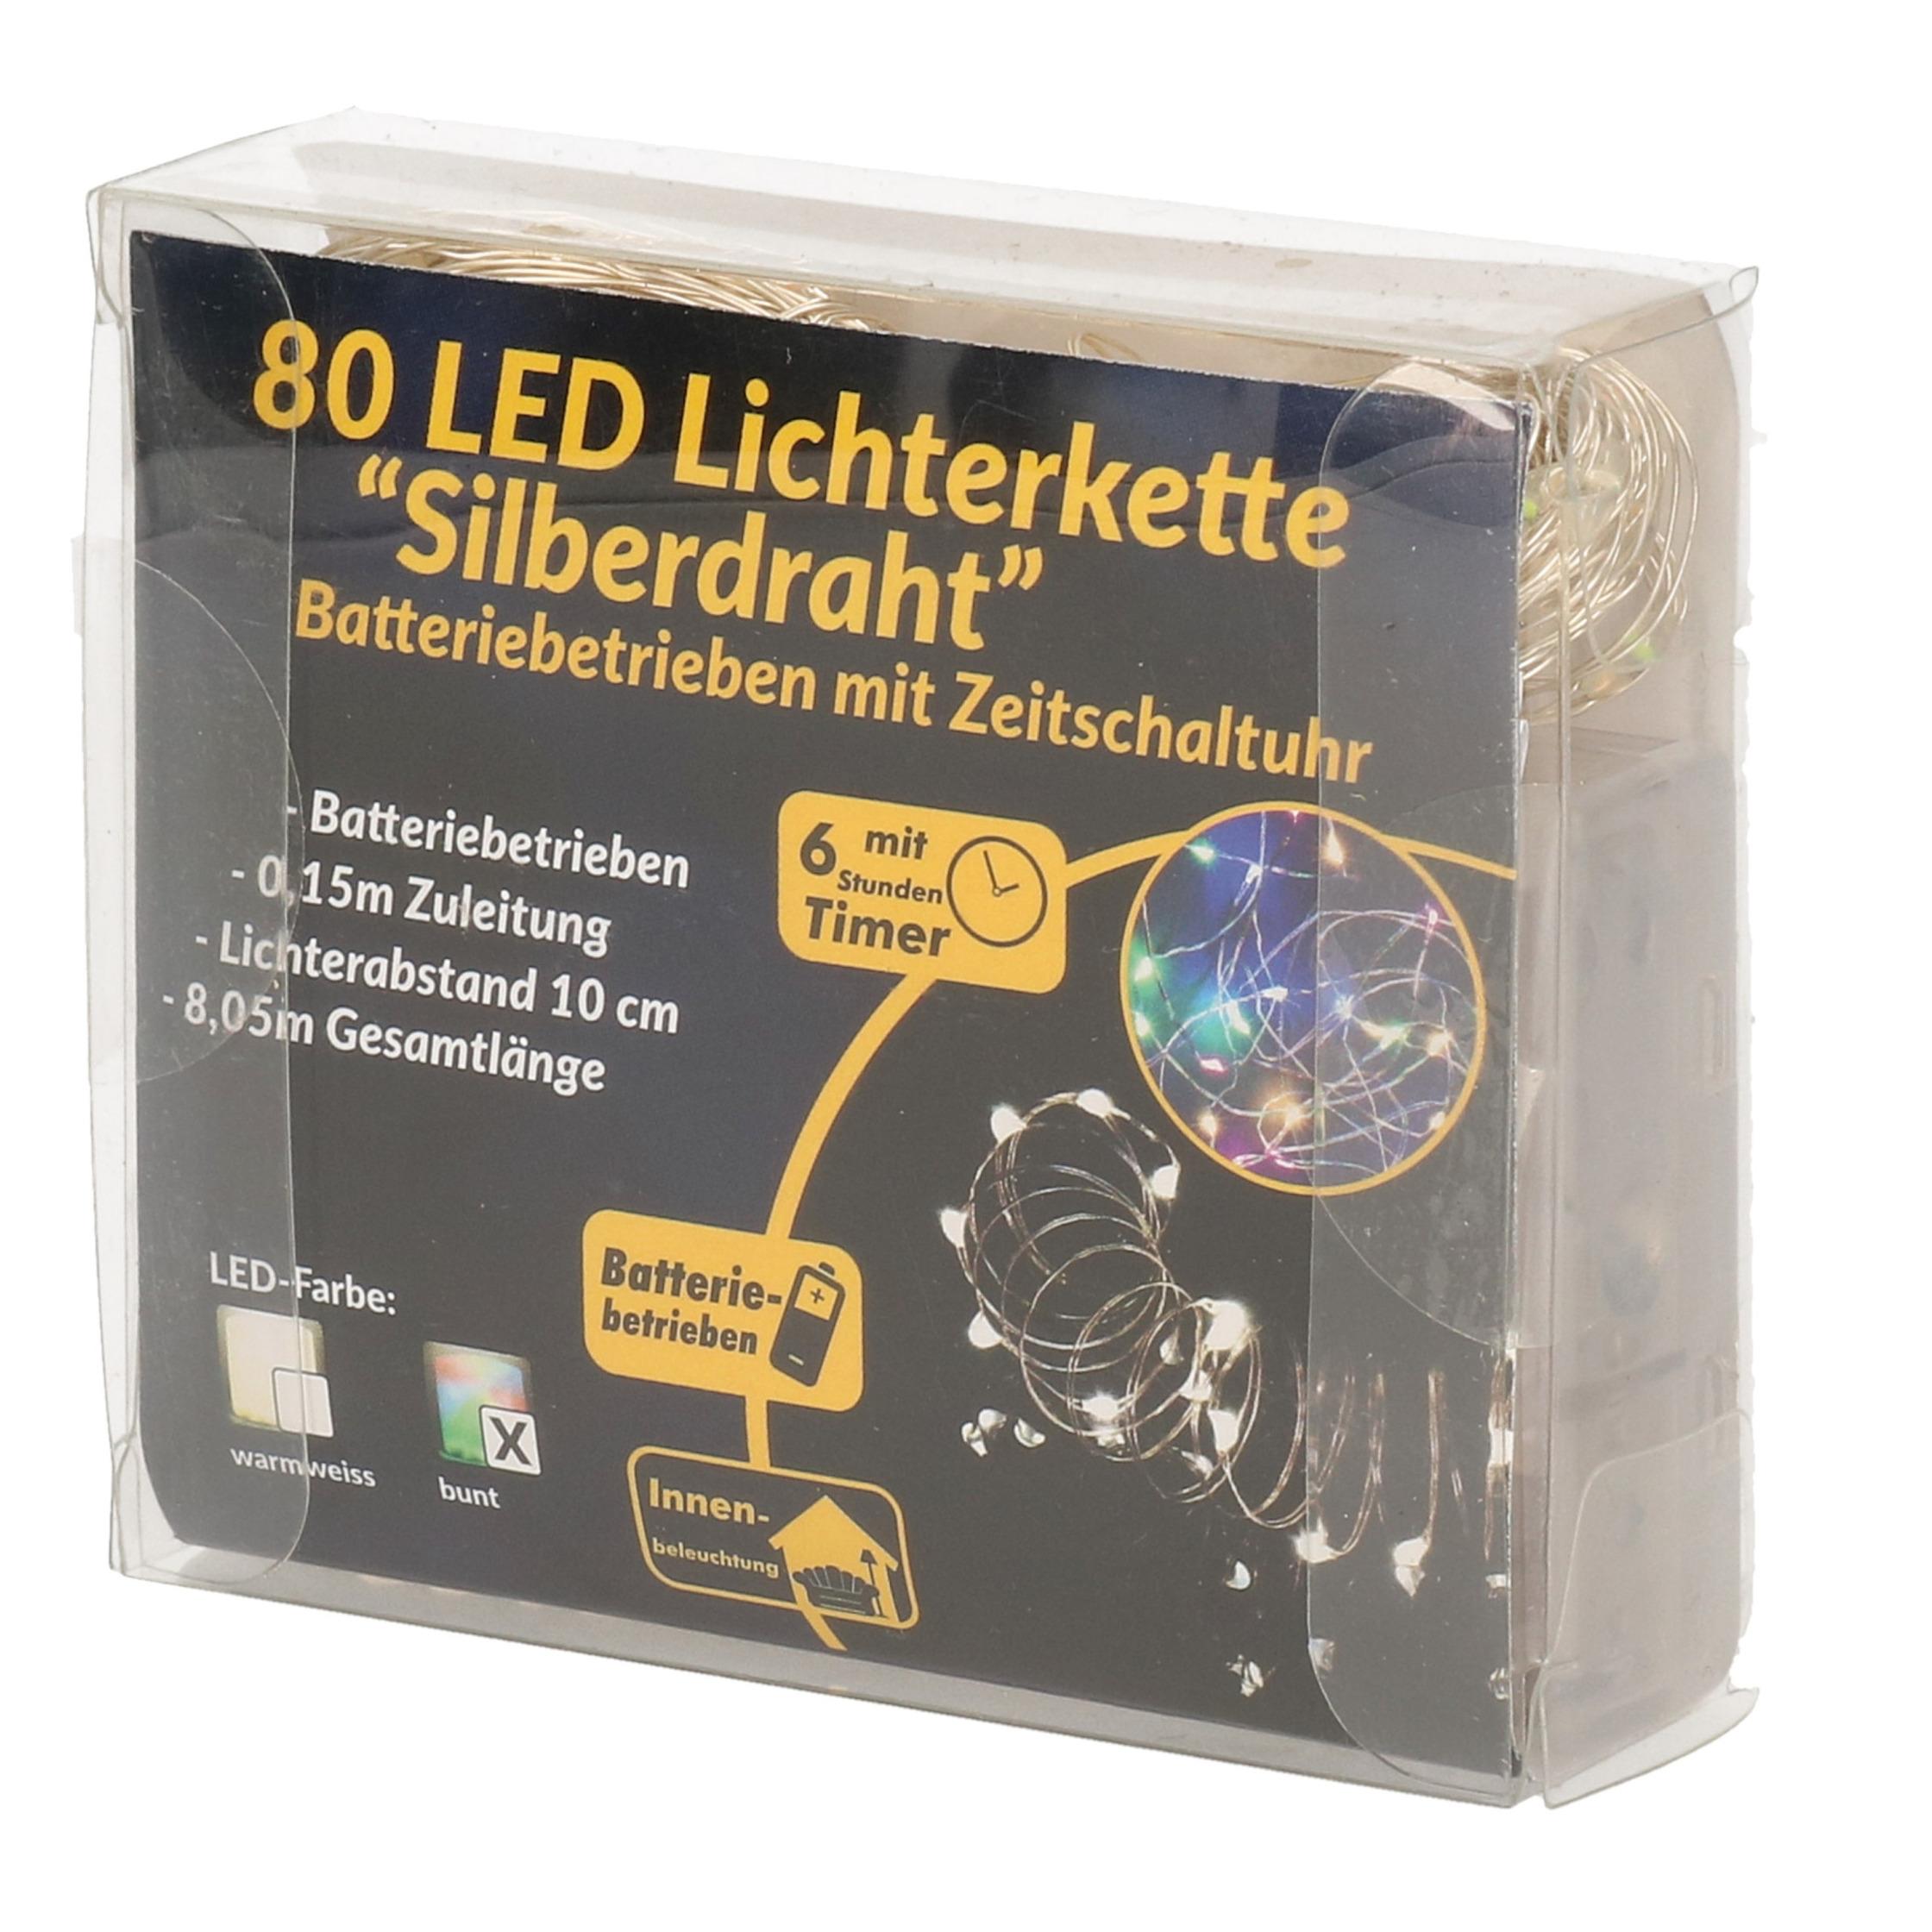 Draadverlichting zilver met gekleurde LED lampjes 8 meter op batterijen met timer